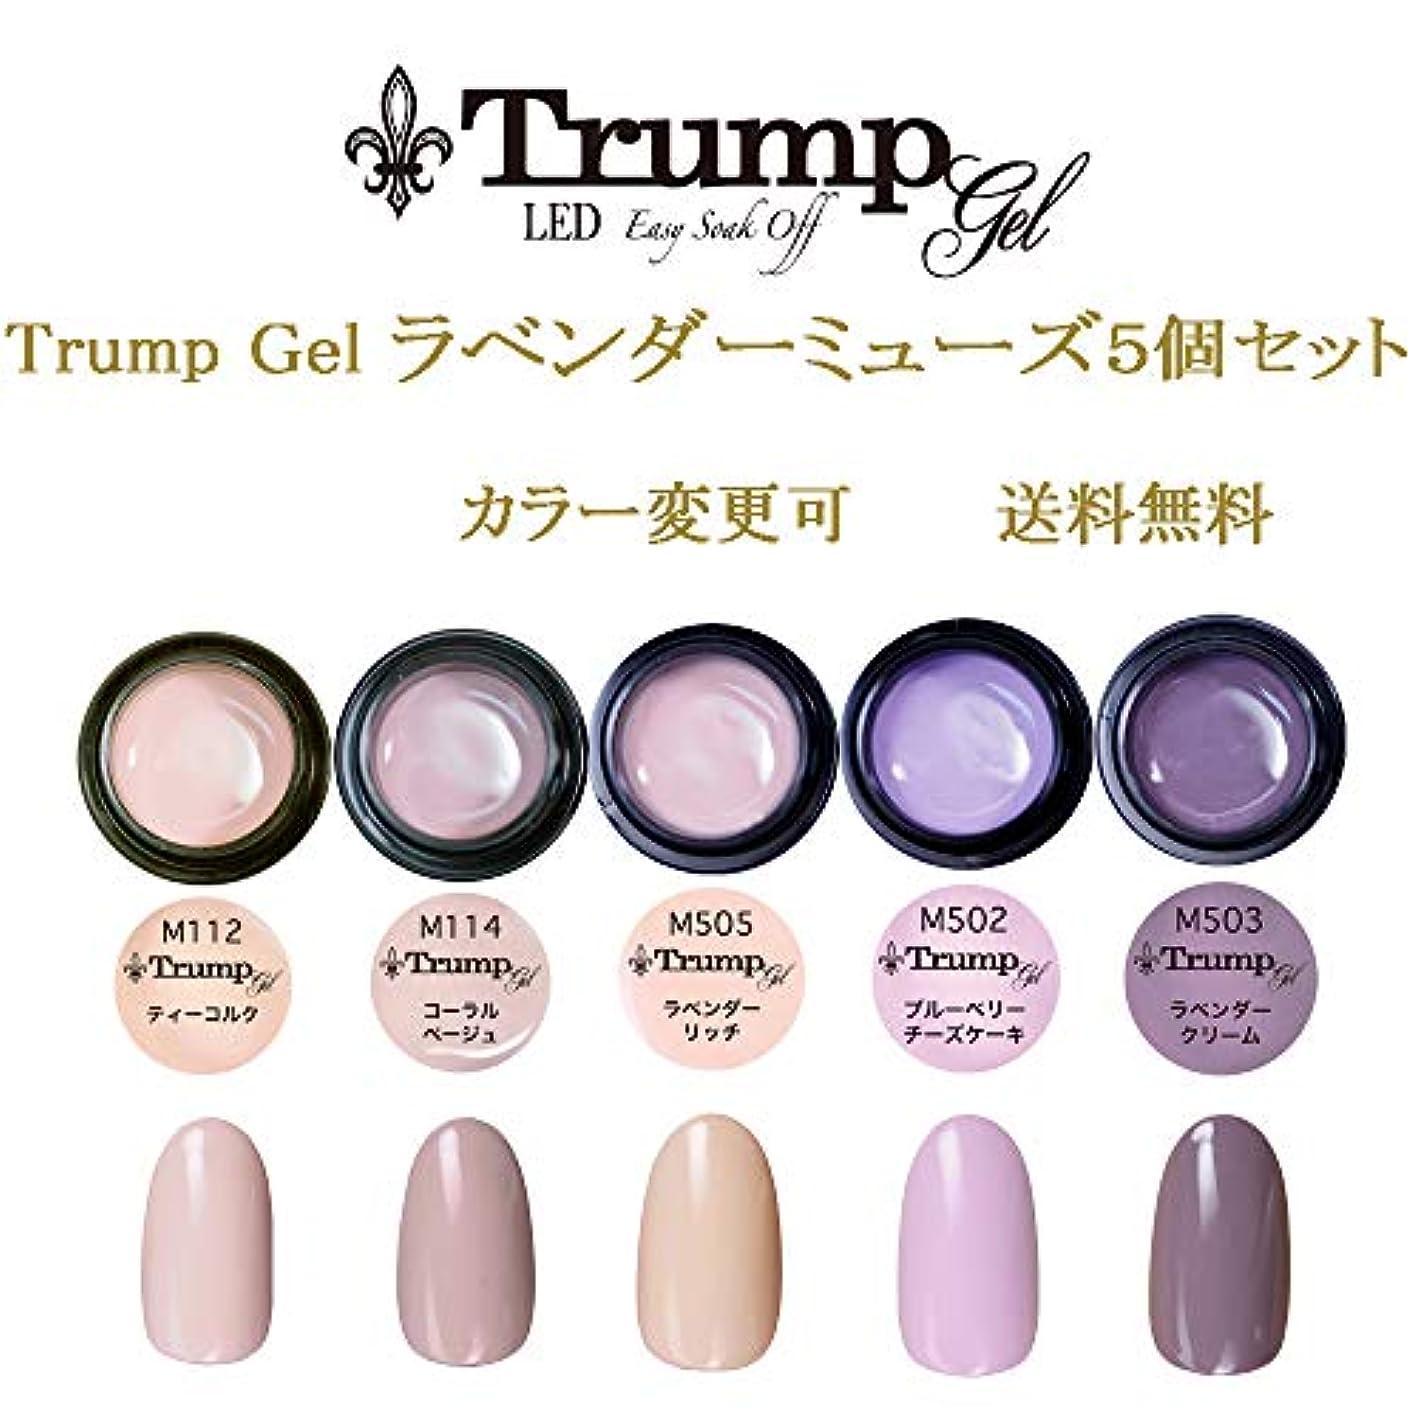 連続したベリ概して日本製 Trump gel トランプジェル ラベンダーミューズカラー 選べる カラージェル 5個セット ピンク ベージュ ラベンダーカラー